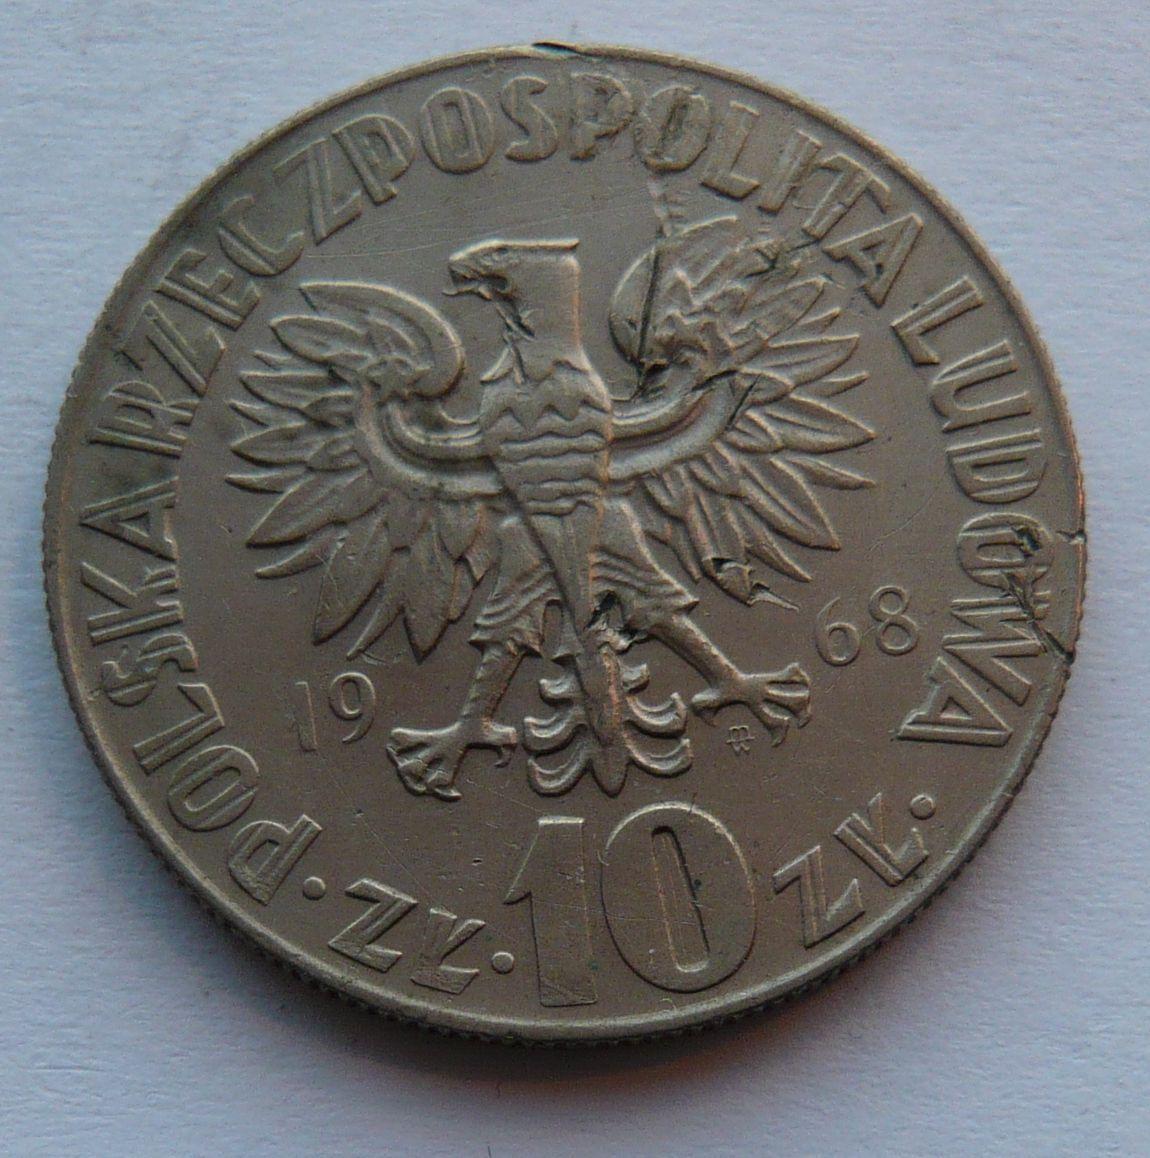 Polsko 10 Zl. KOPERNÍK 1968